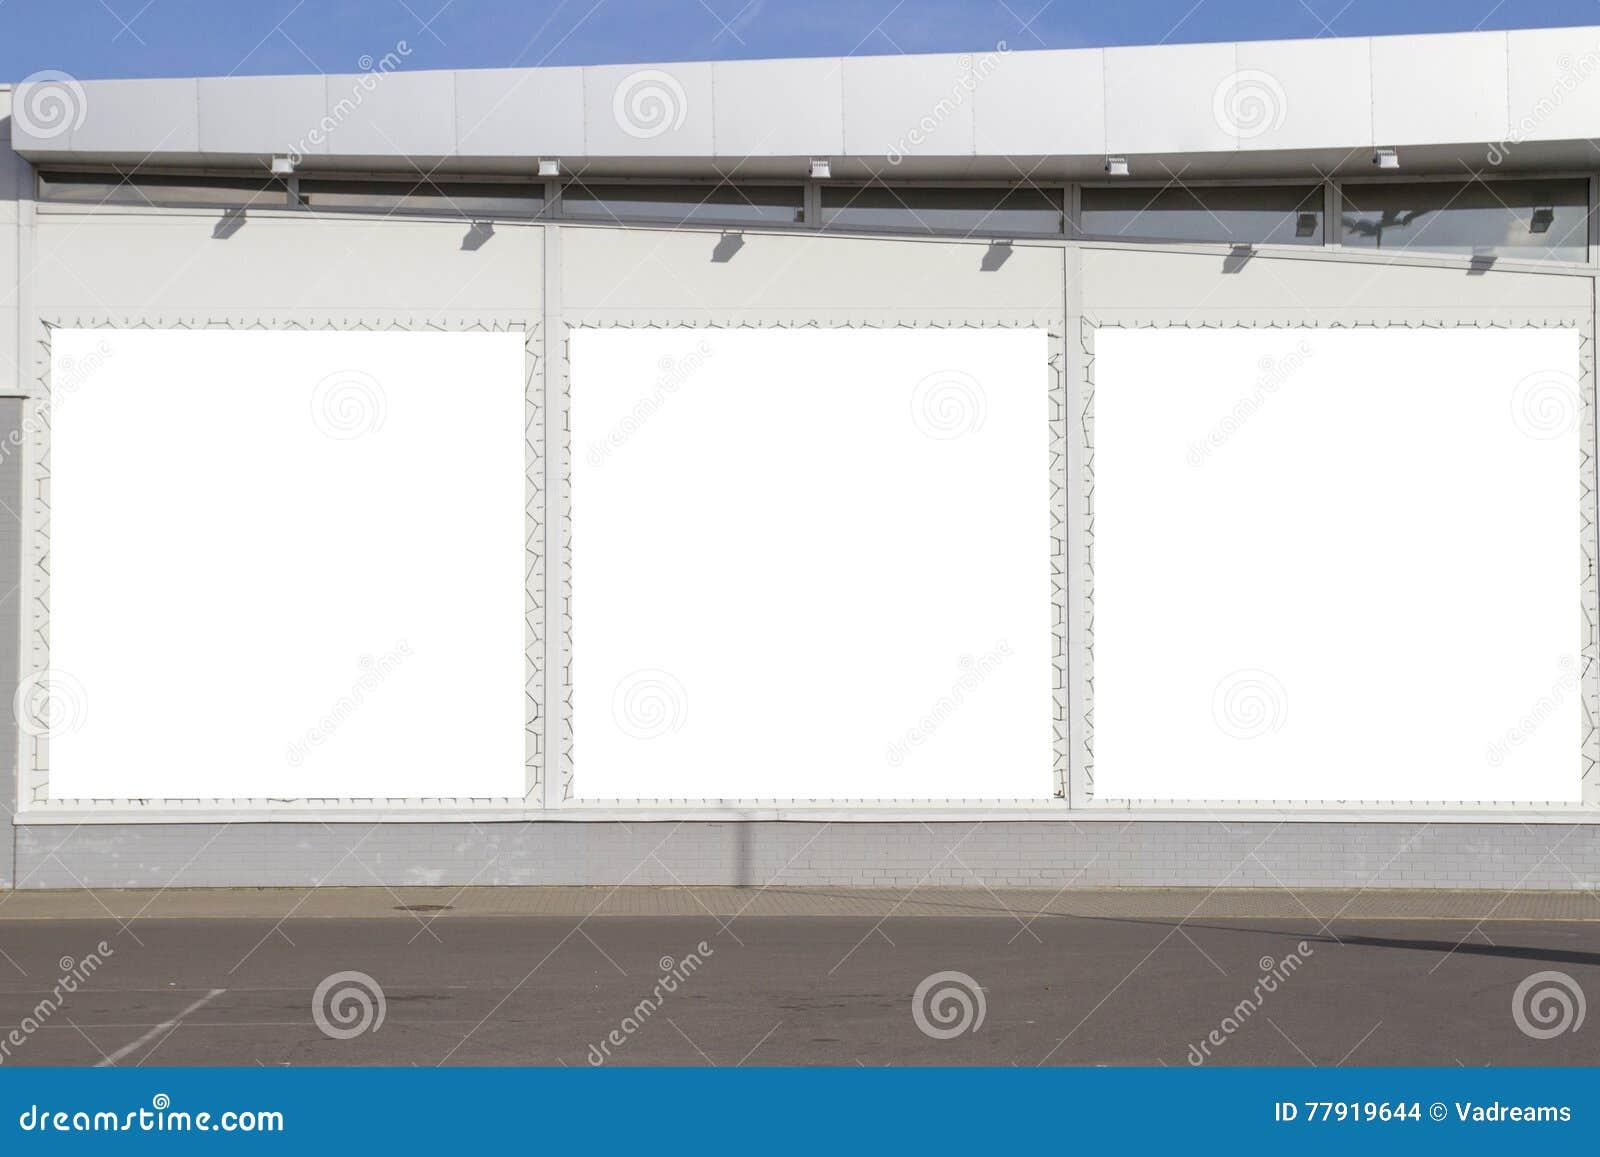 Spott oben Werbung im Freien, leere Anschlagtafeln draußen auf dem Shop oder Supermarktwand